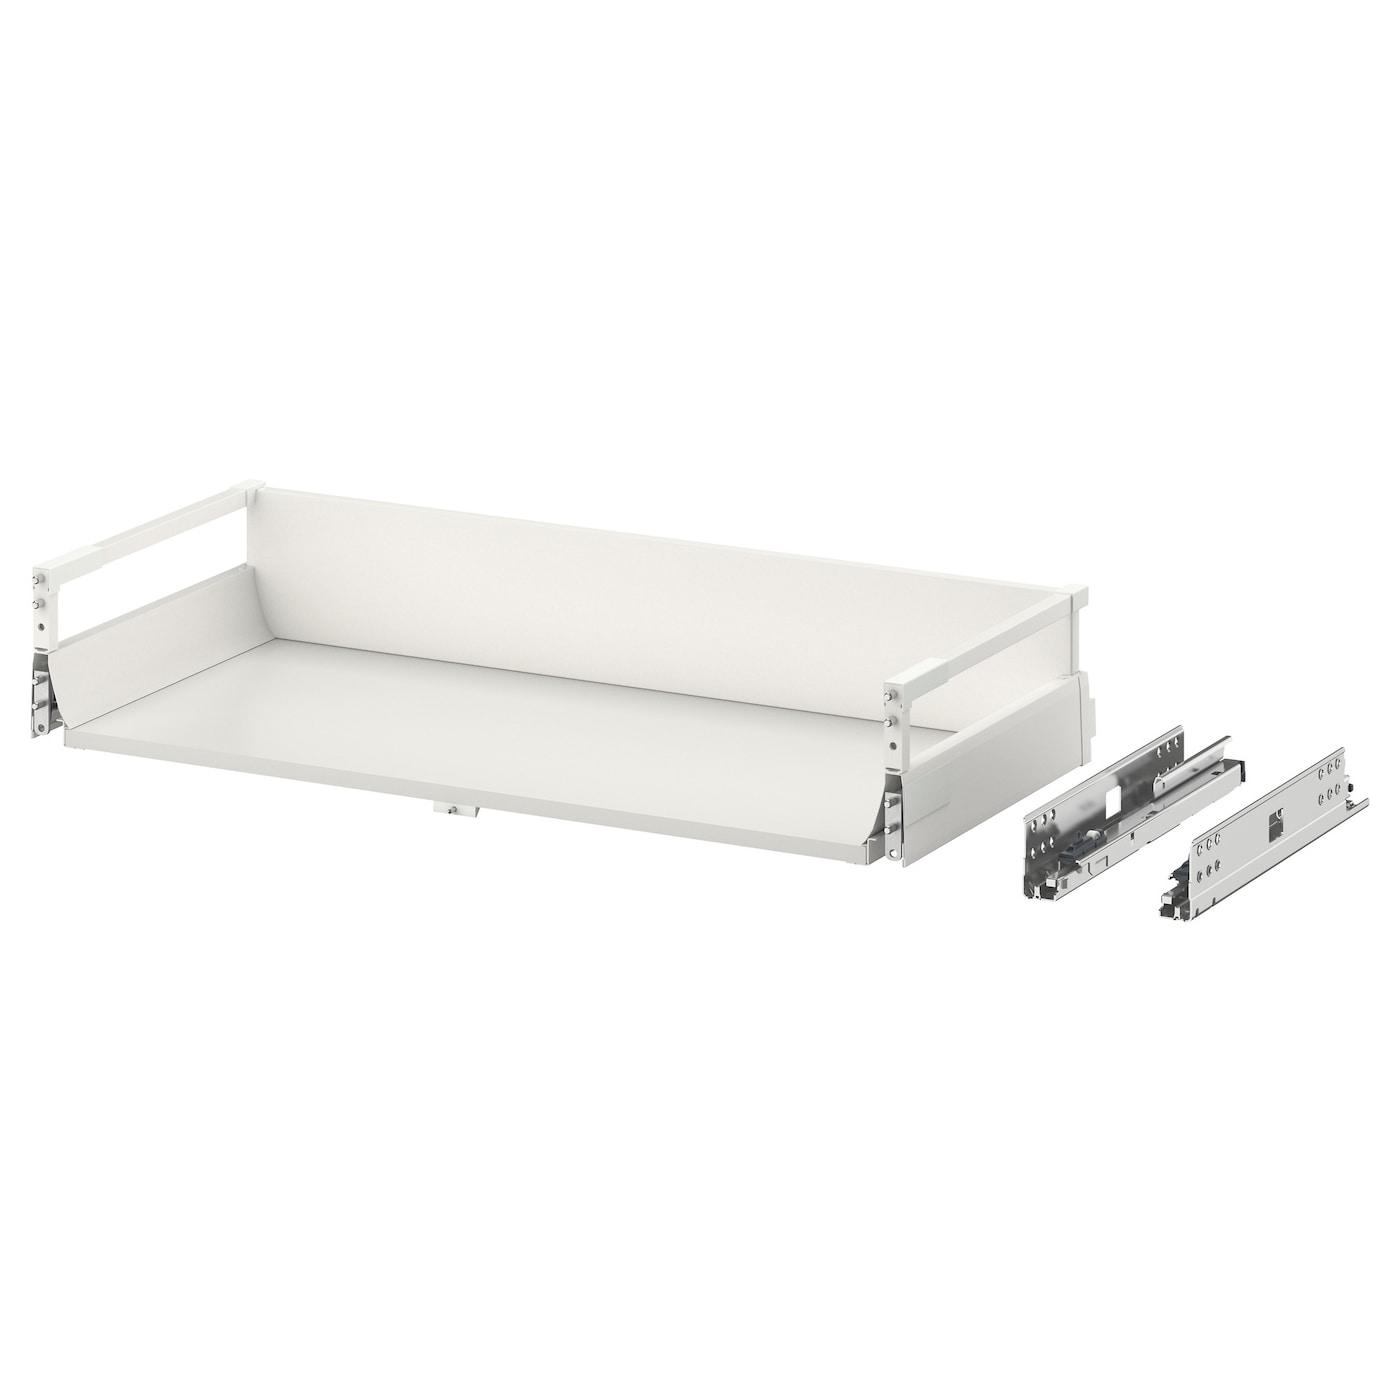 MAXIMERA Schublade, mittel - weiß - IKEA Schweiz